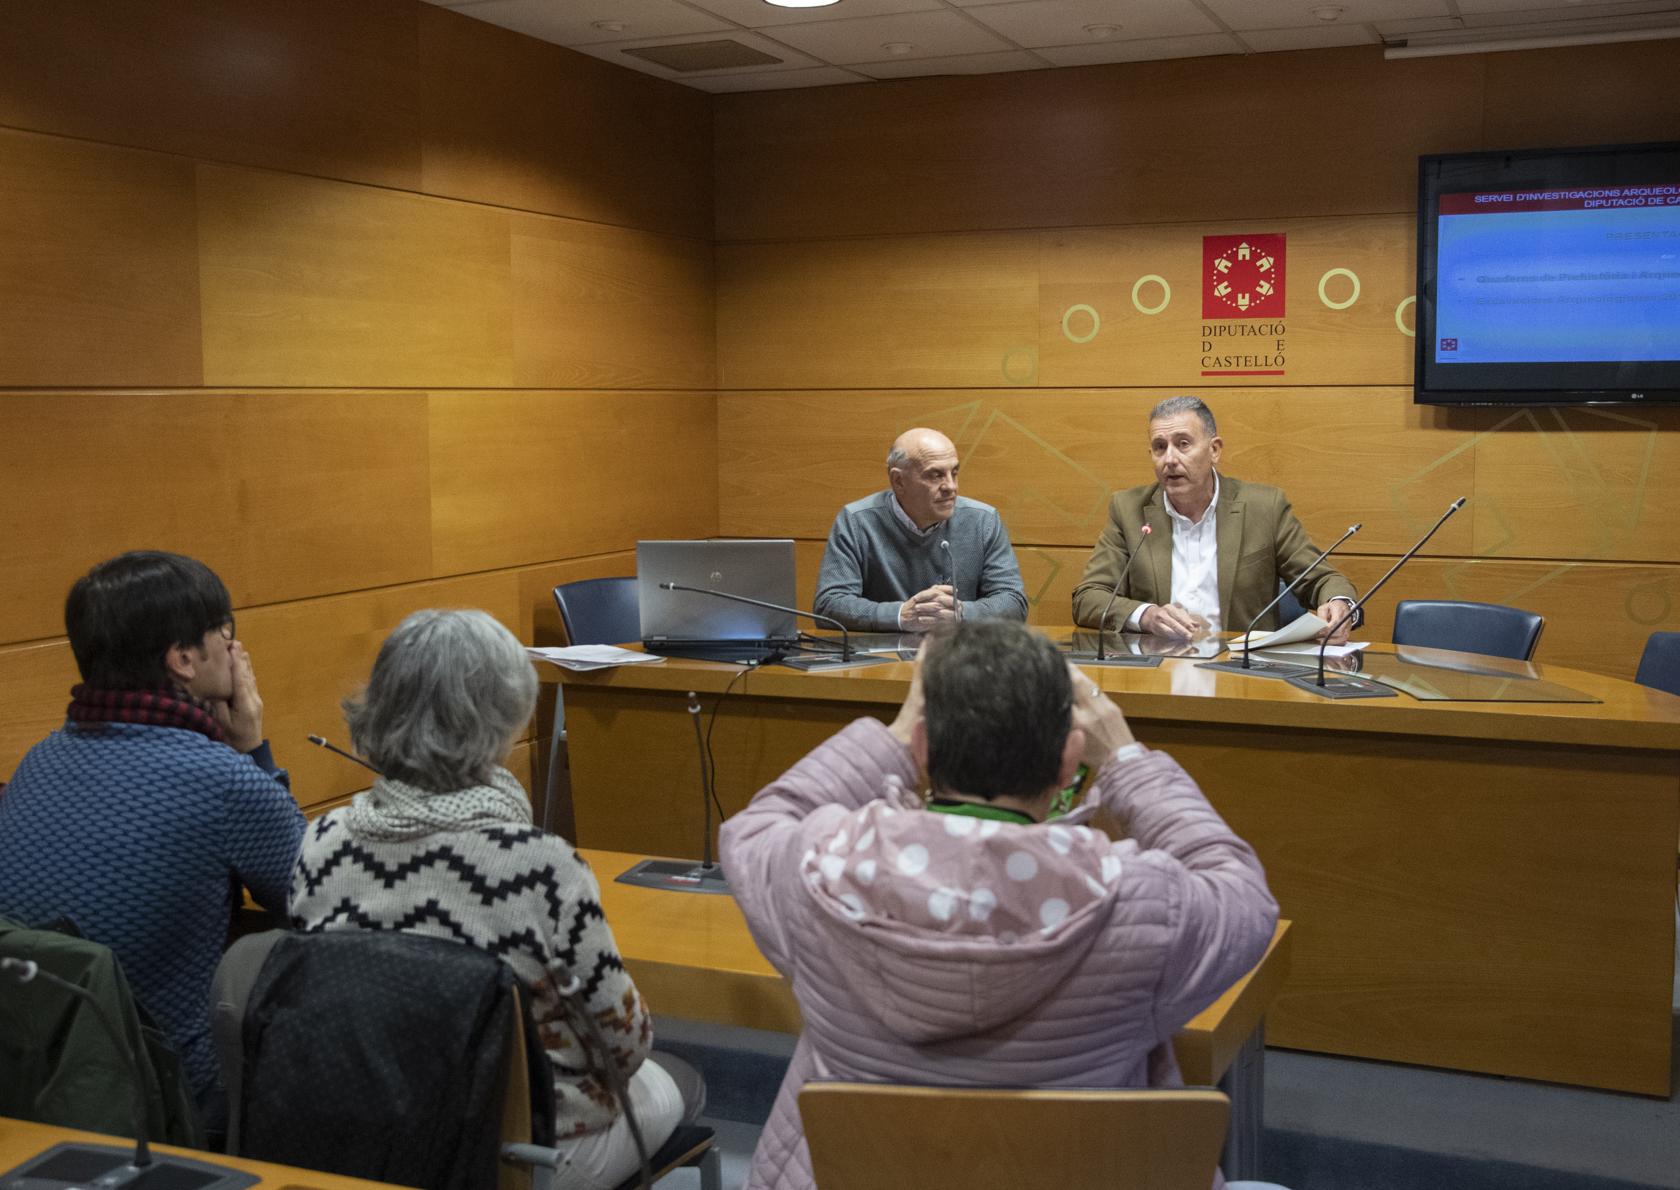 La Diputació posarà en marxa una nova campanya arqueològica a Vinaròs i la província